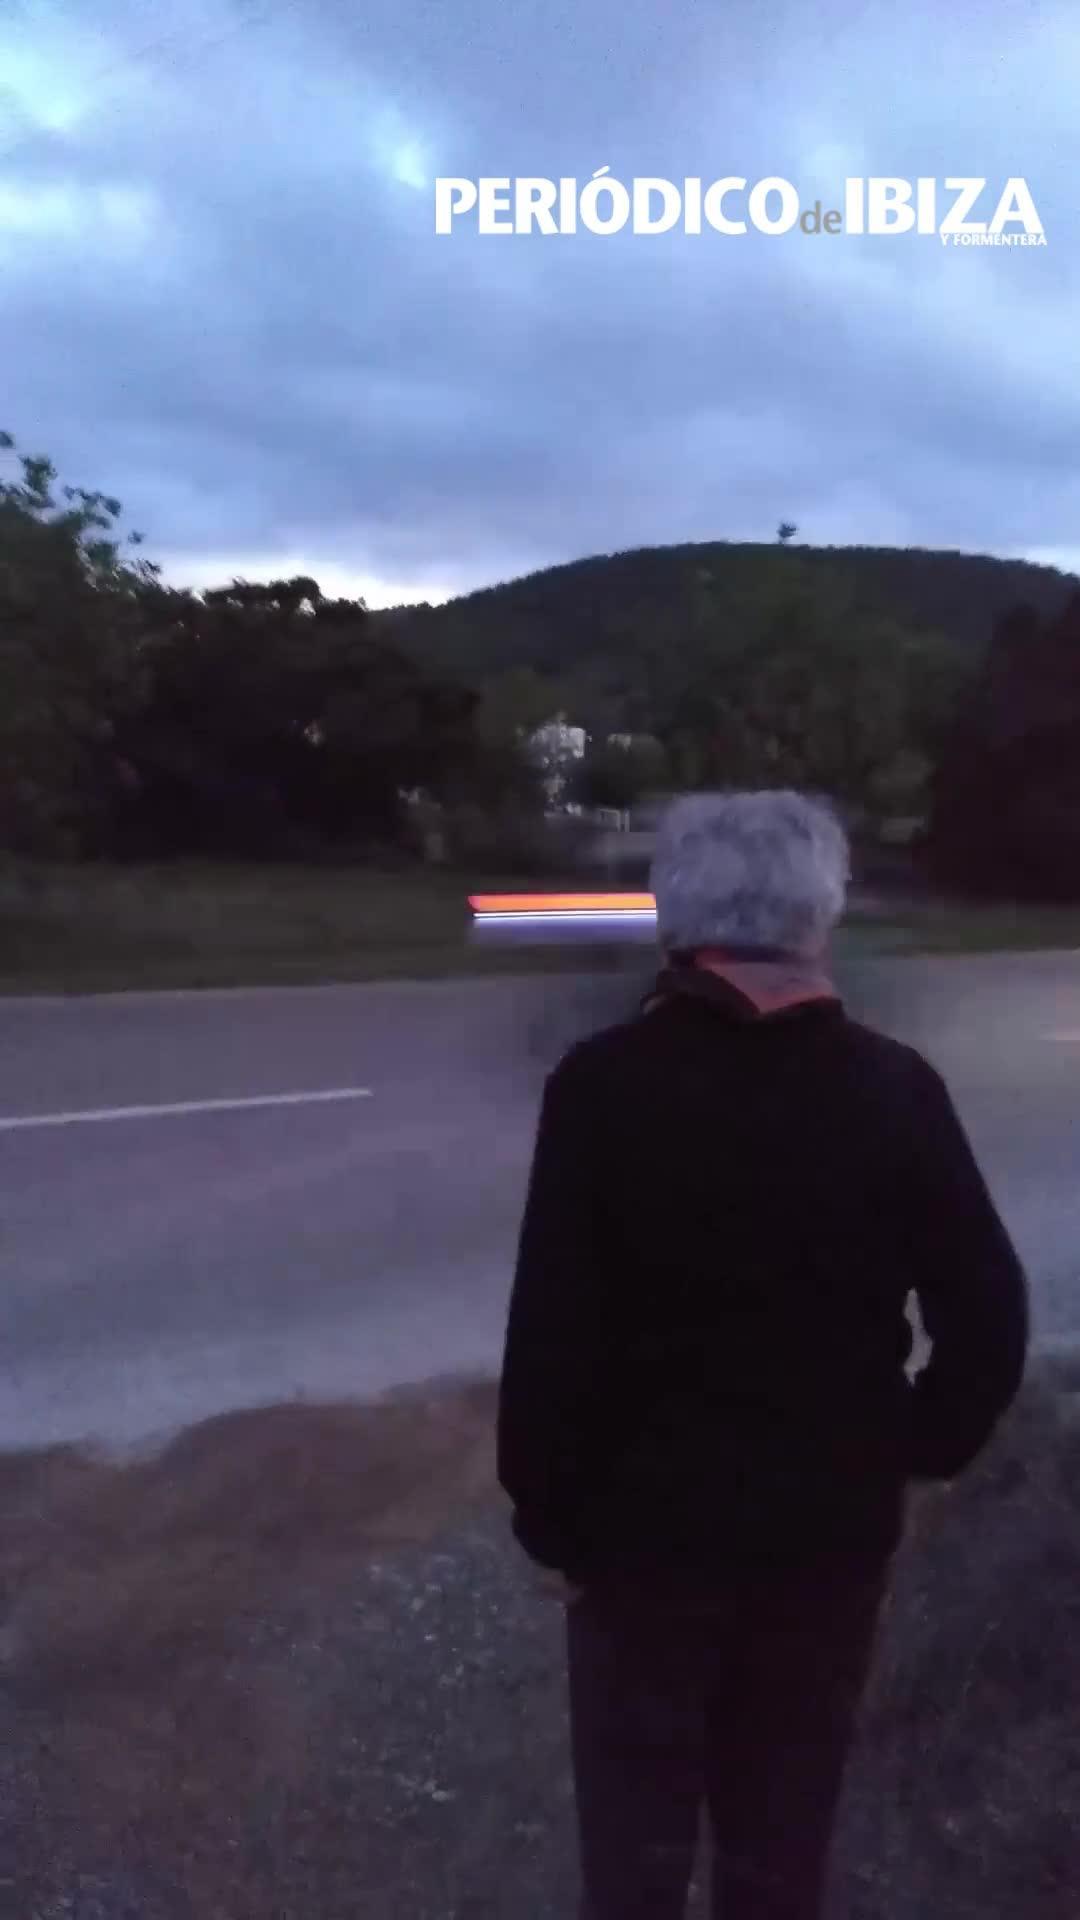 Sant Antoni pide erradicar las carreras ilegales de motos